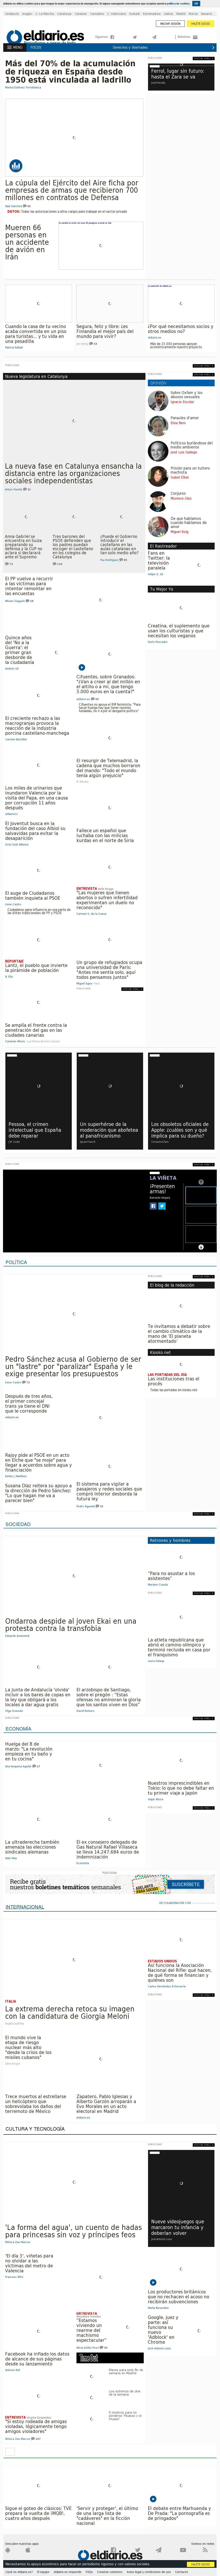 El Diario at Monday March 12, 2018, 6:05 a.m. UTC